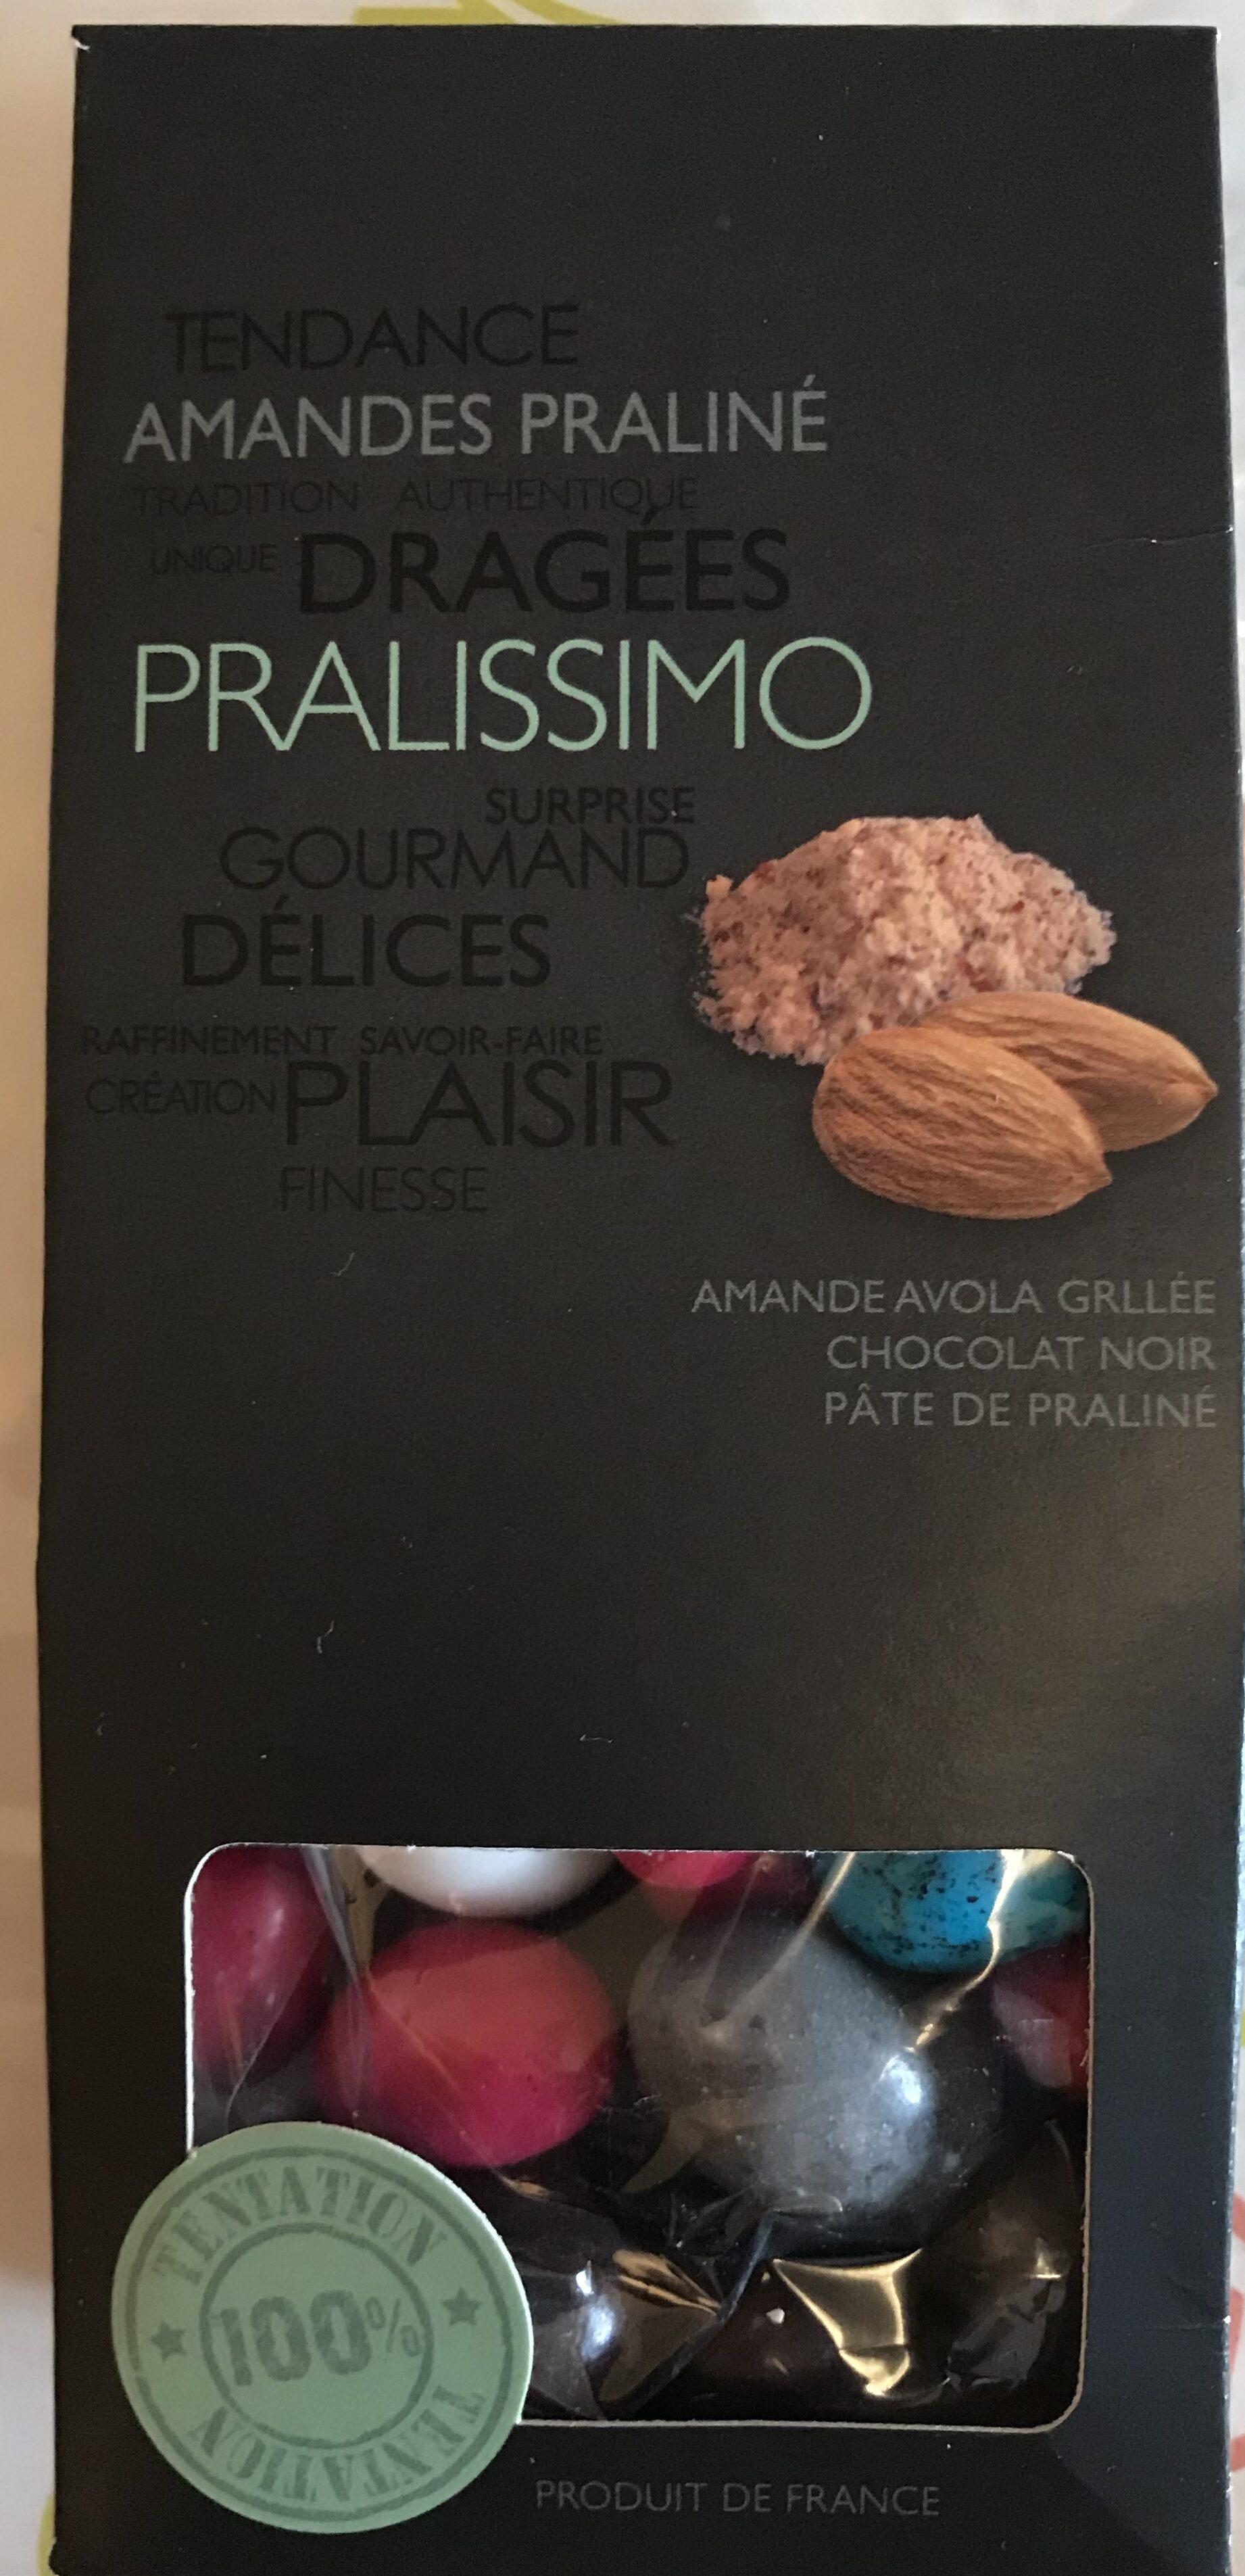 Galets praline multicolore - Produit - fr